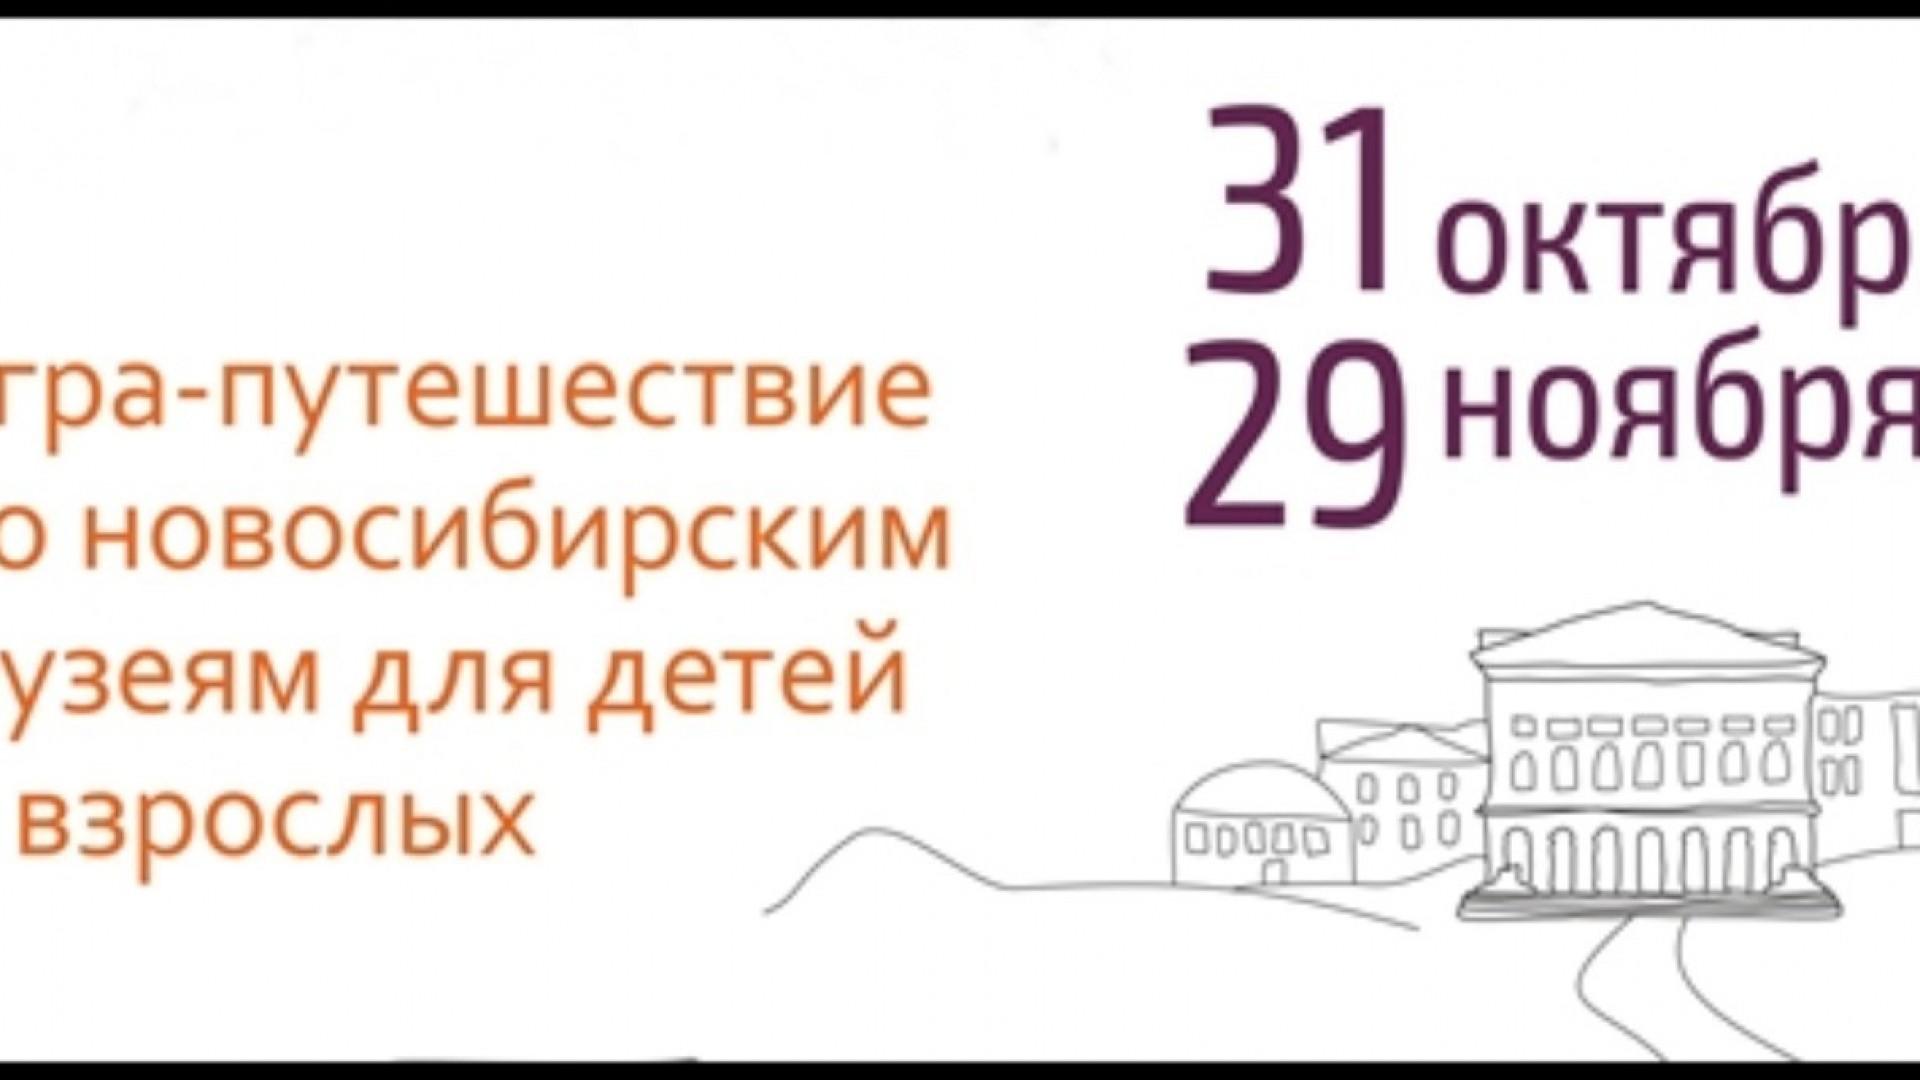 В Новосибирске пройдет детский квест по музеям